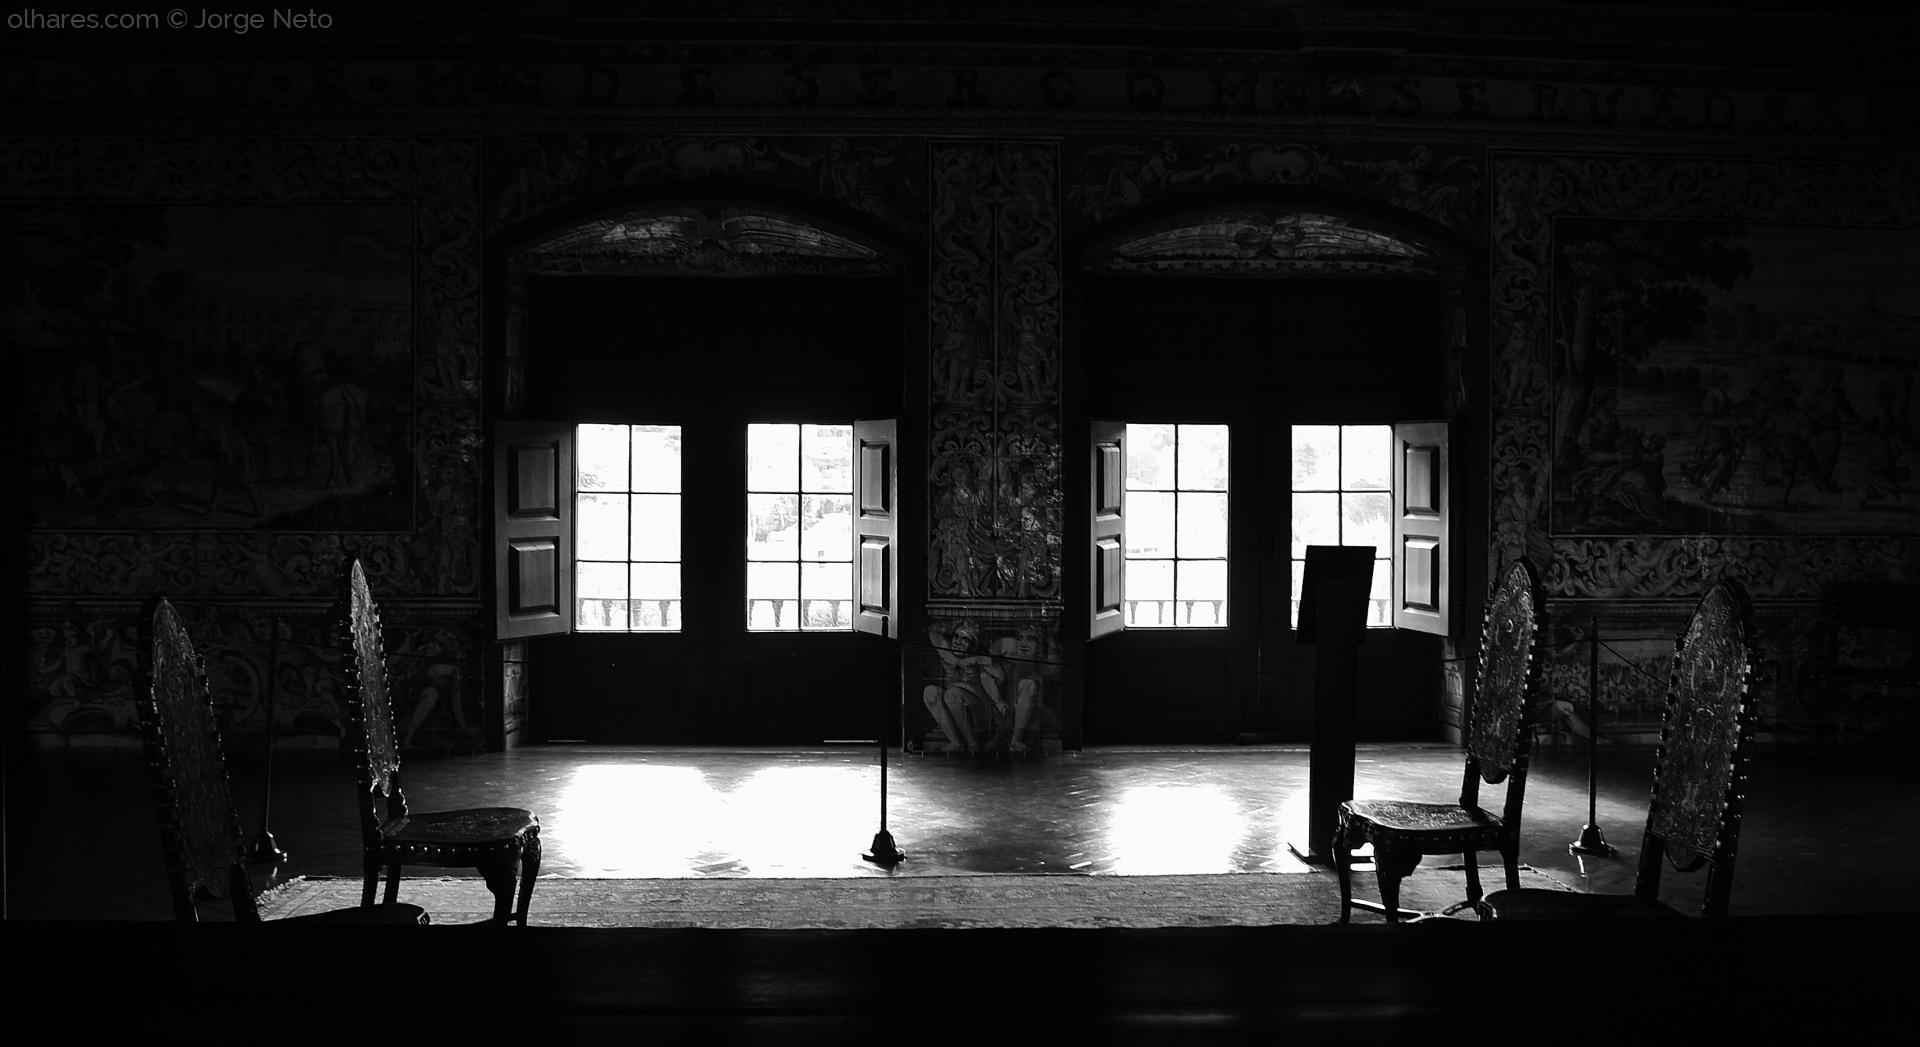 História/Sala dos Azulejos